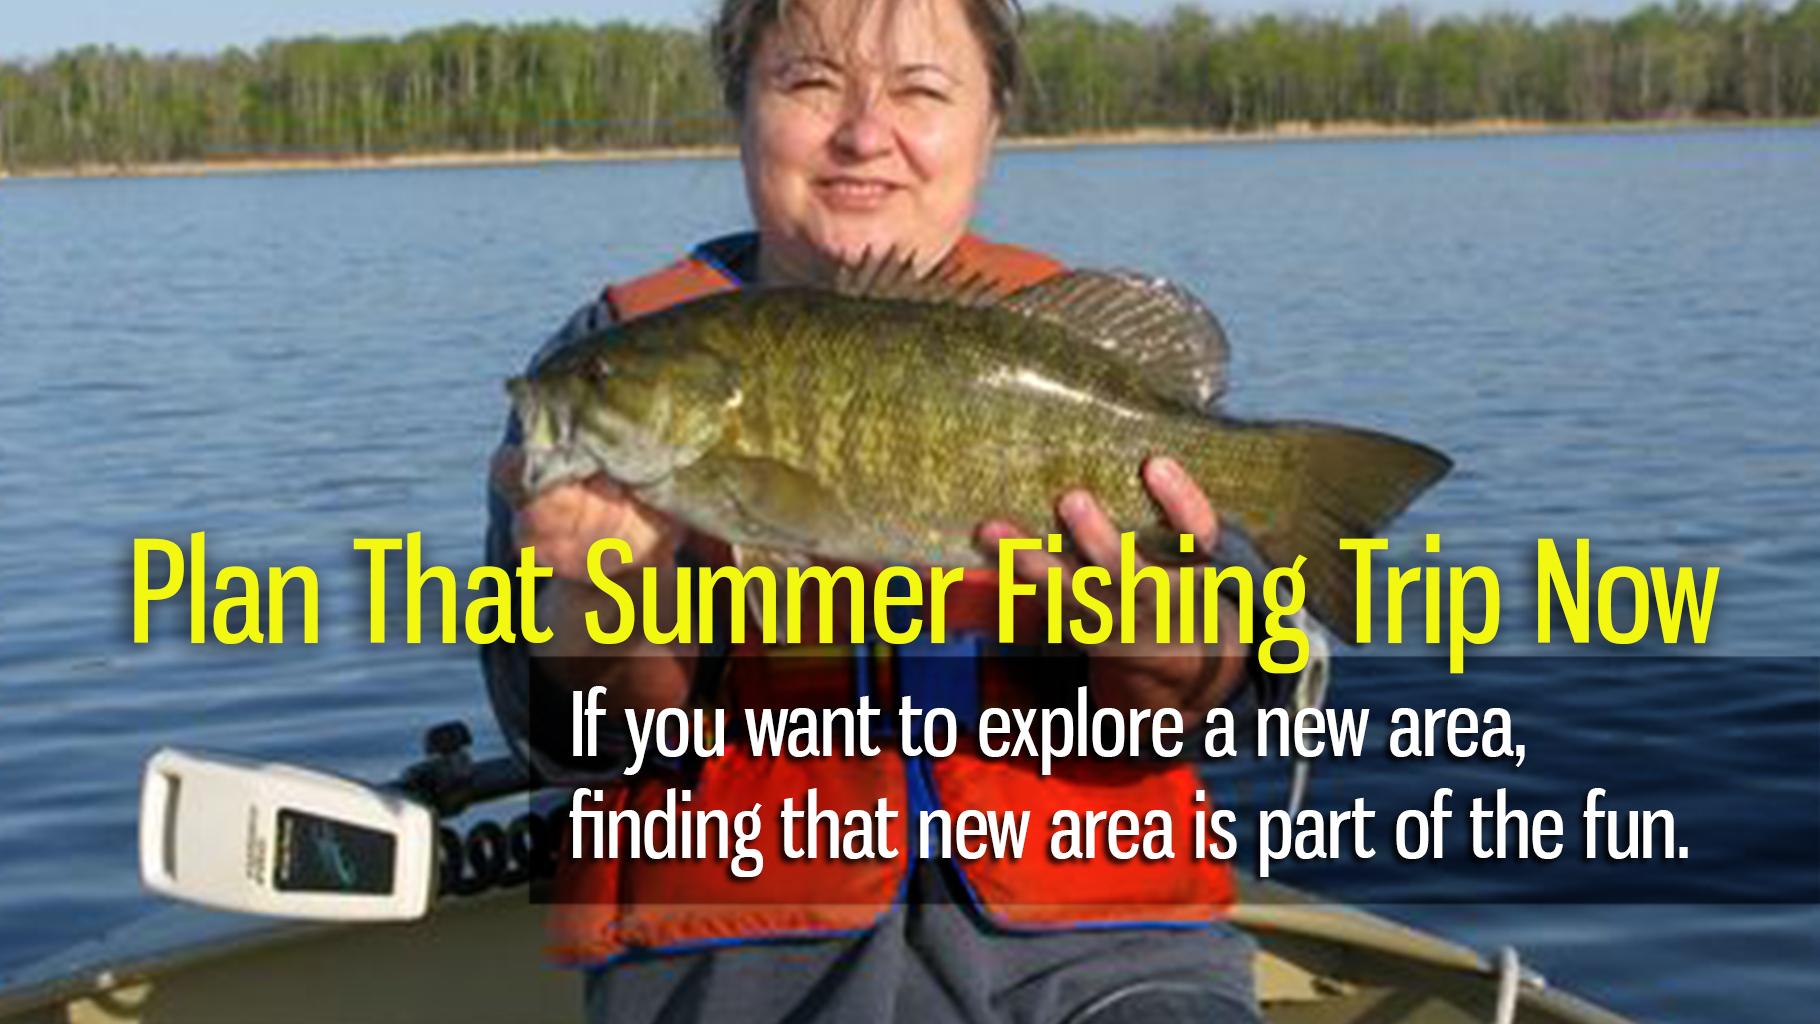 Plan that Summer Fishing Trip Now!